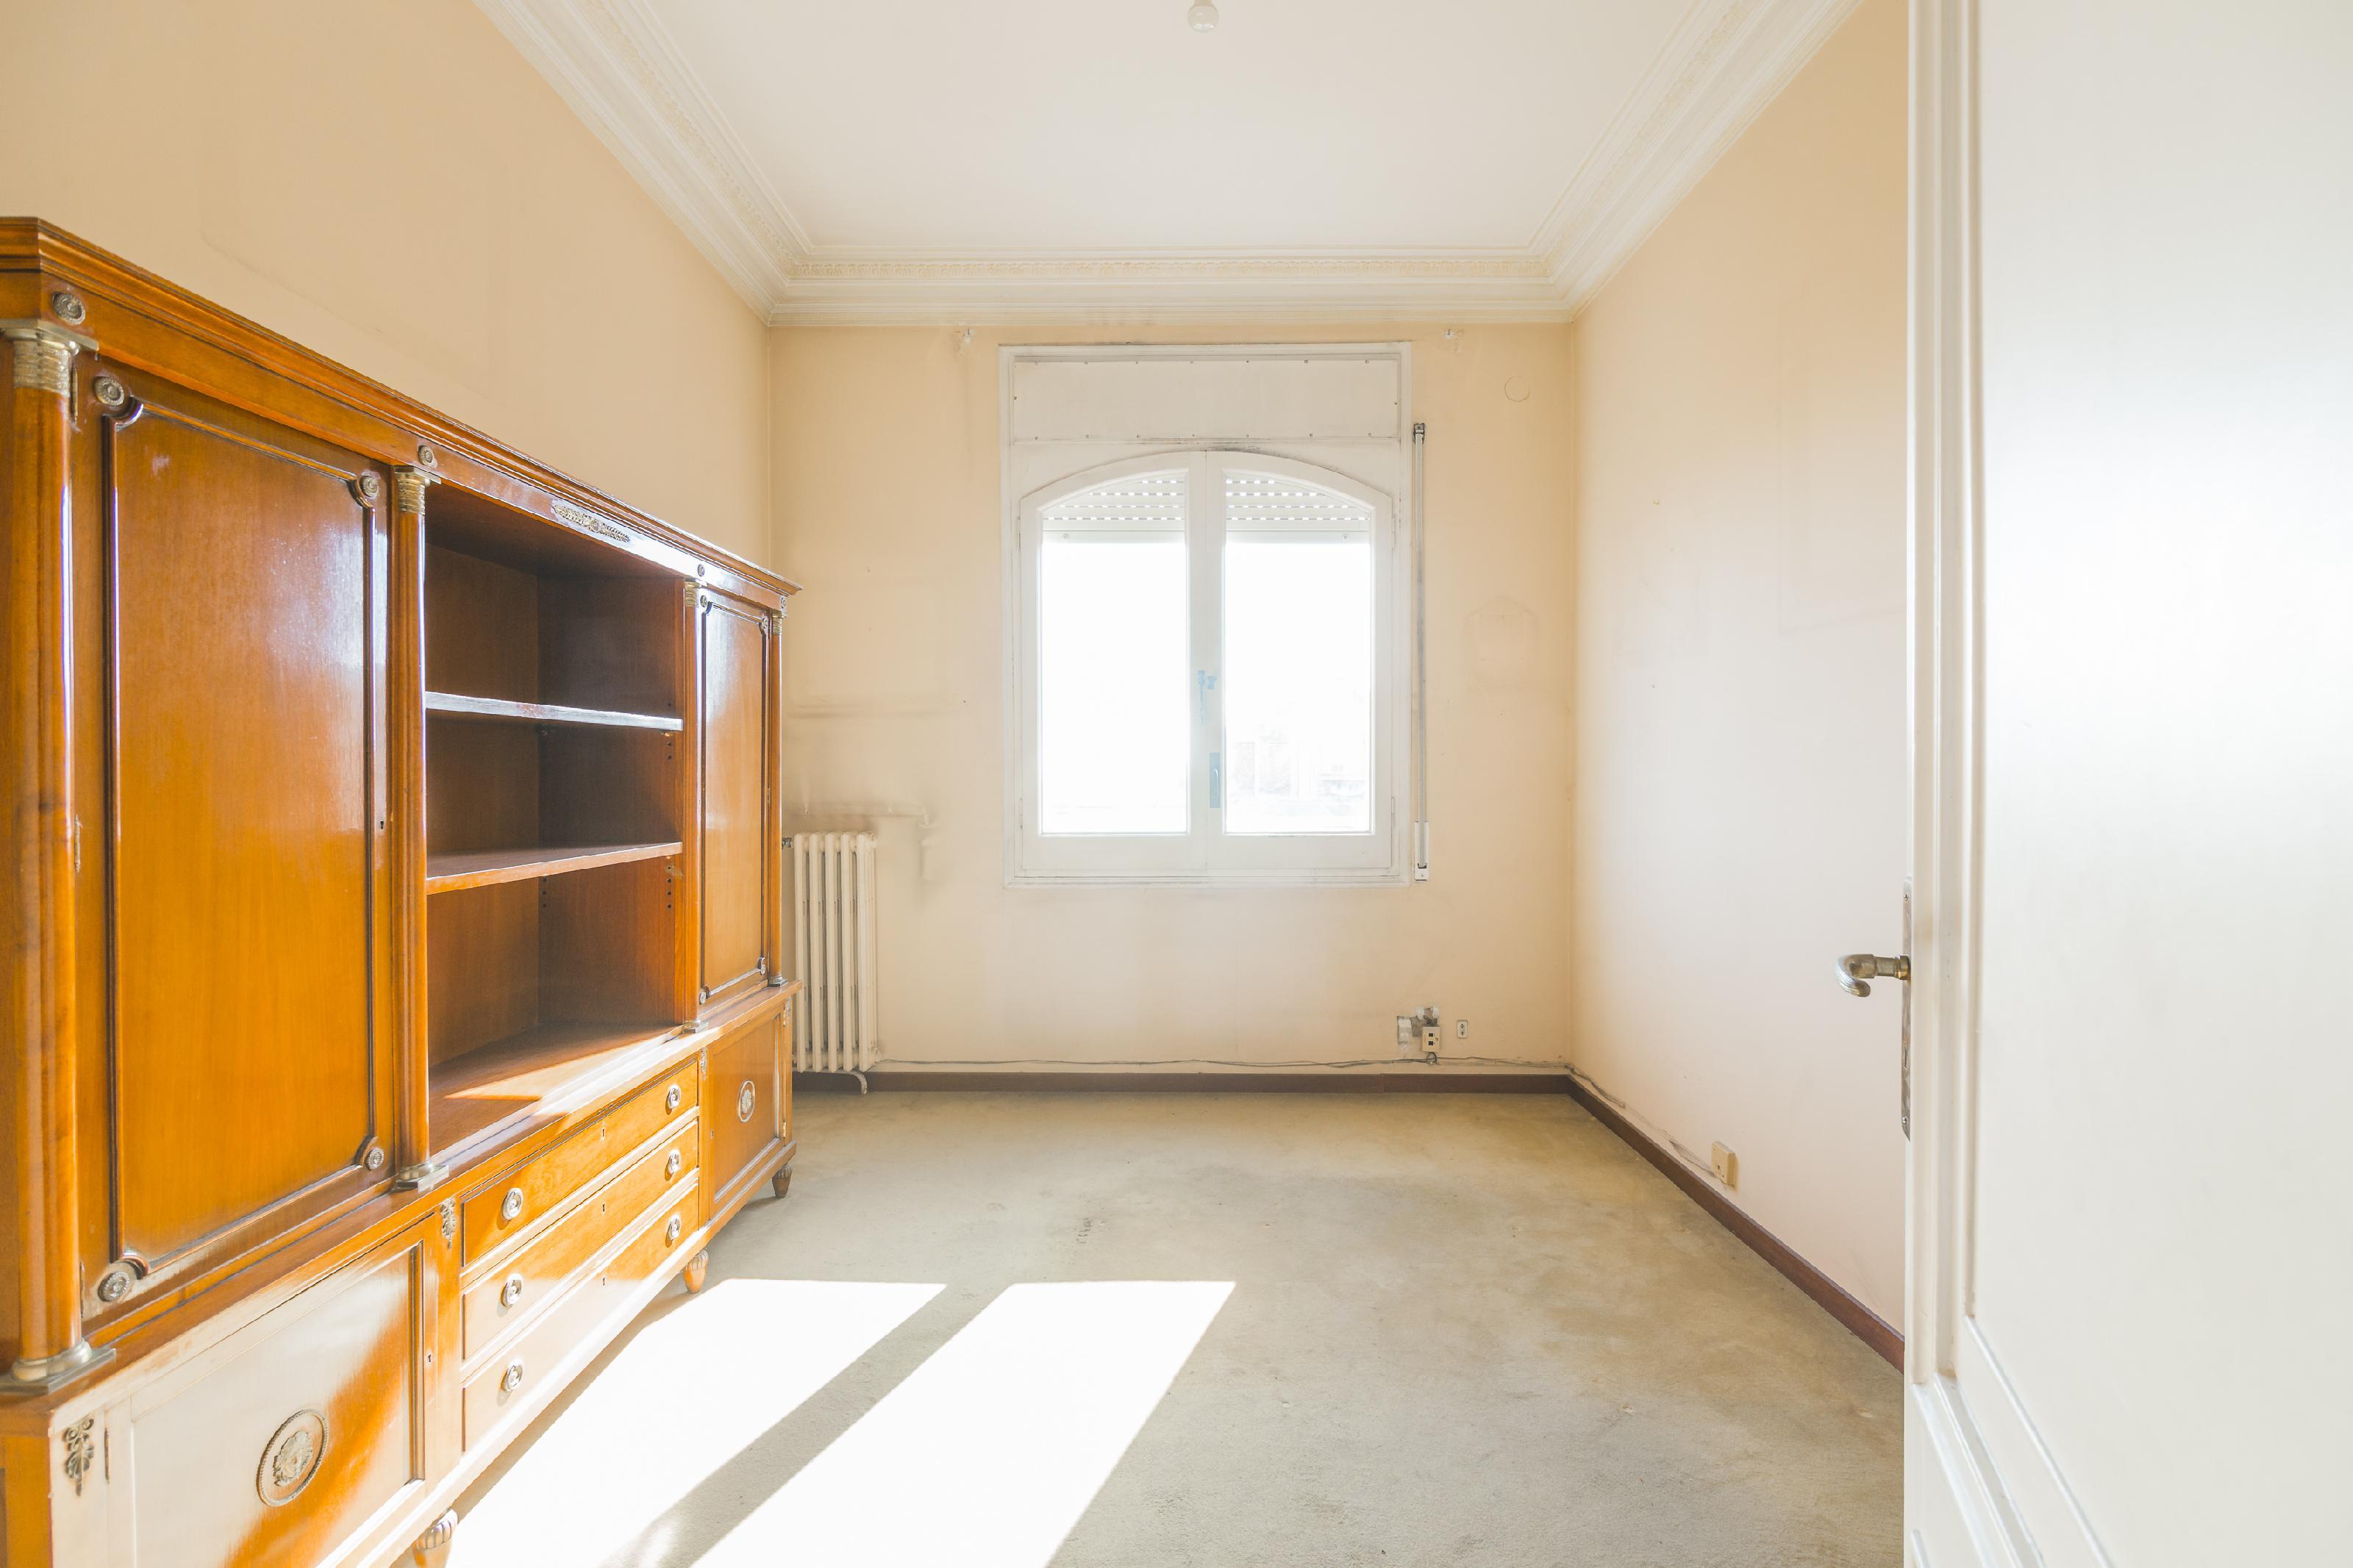 246643 Ático en venda en Sarrià-Sant Gervasi, St. Gervasi-Bonanova 13